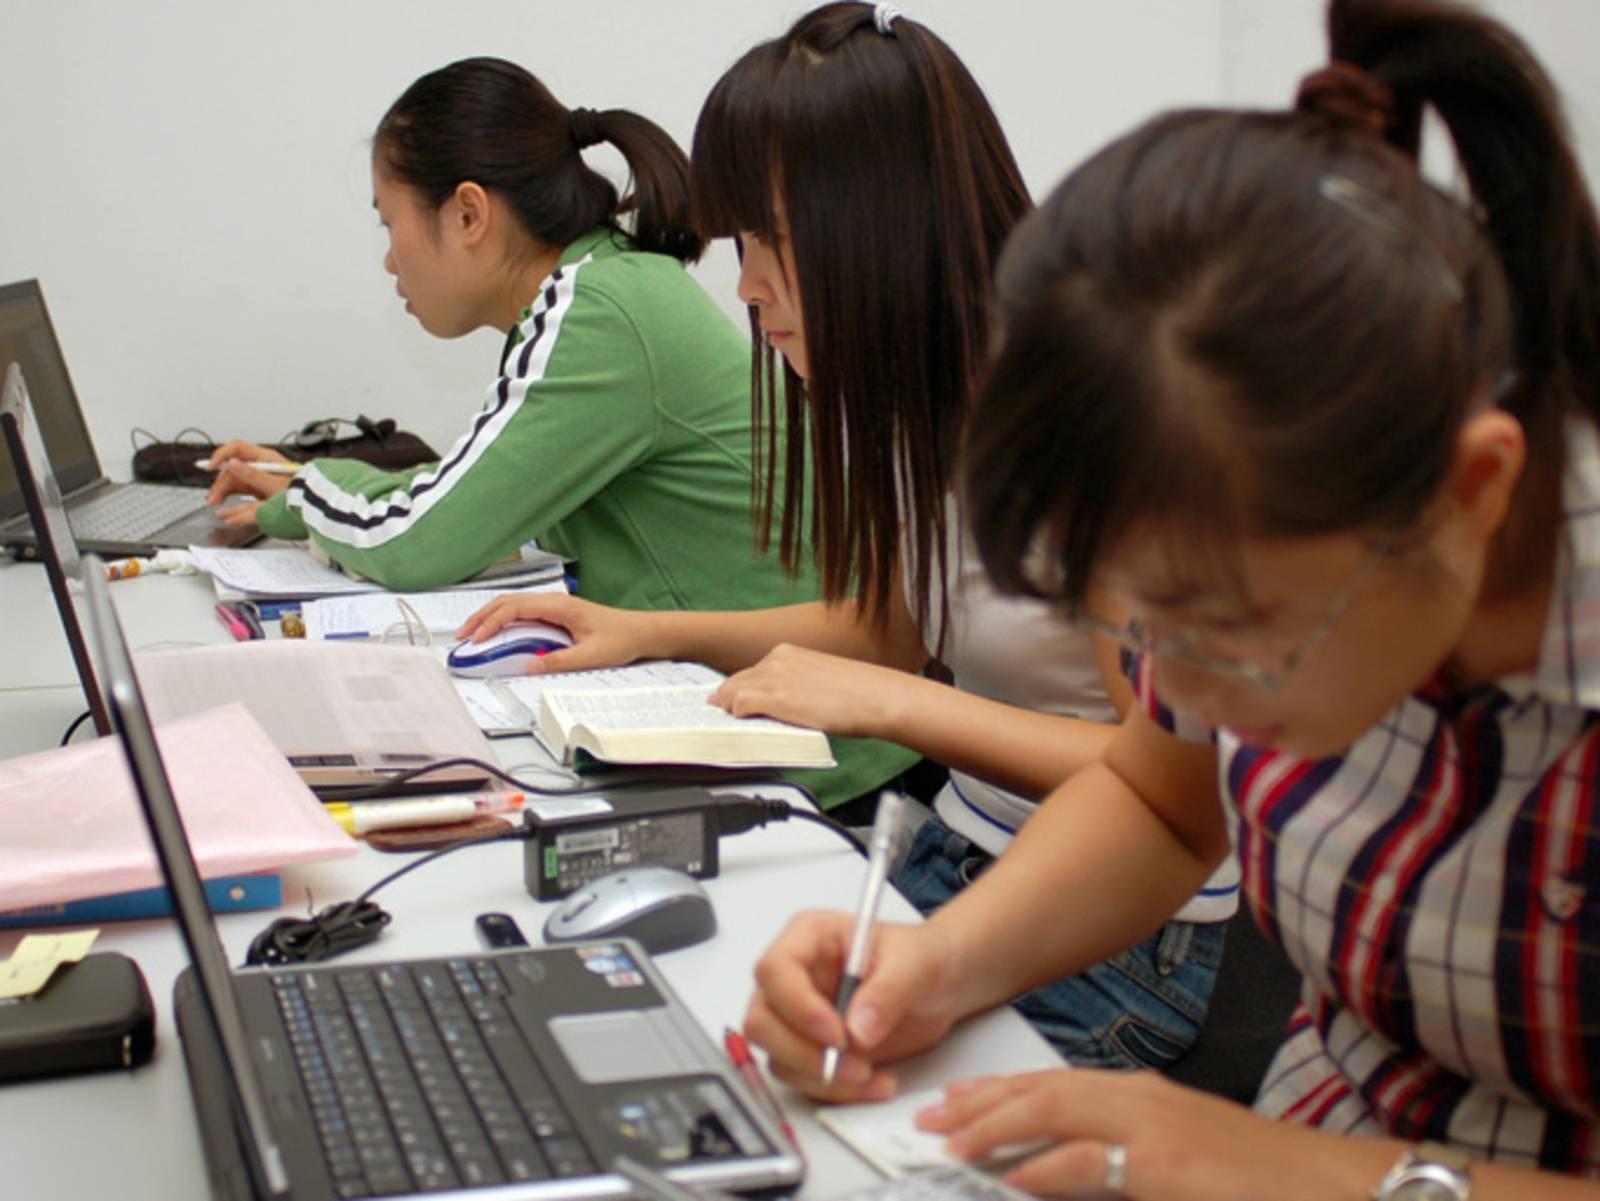 Drei Mädchen lernen